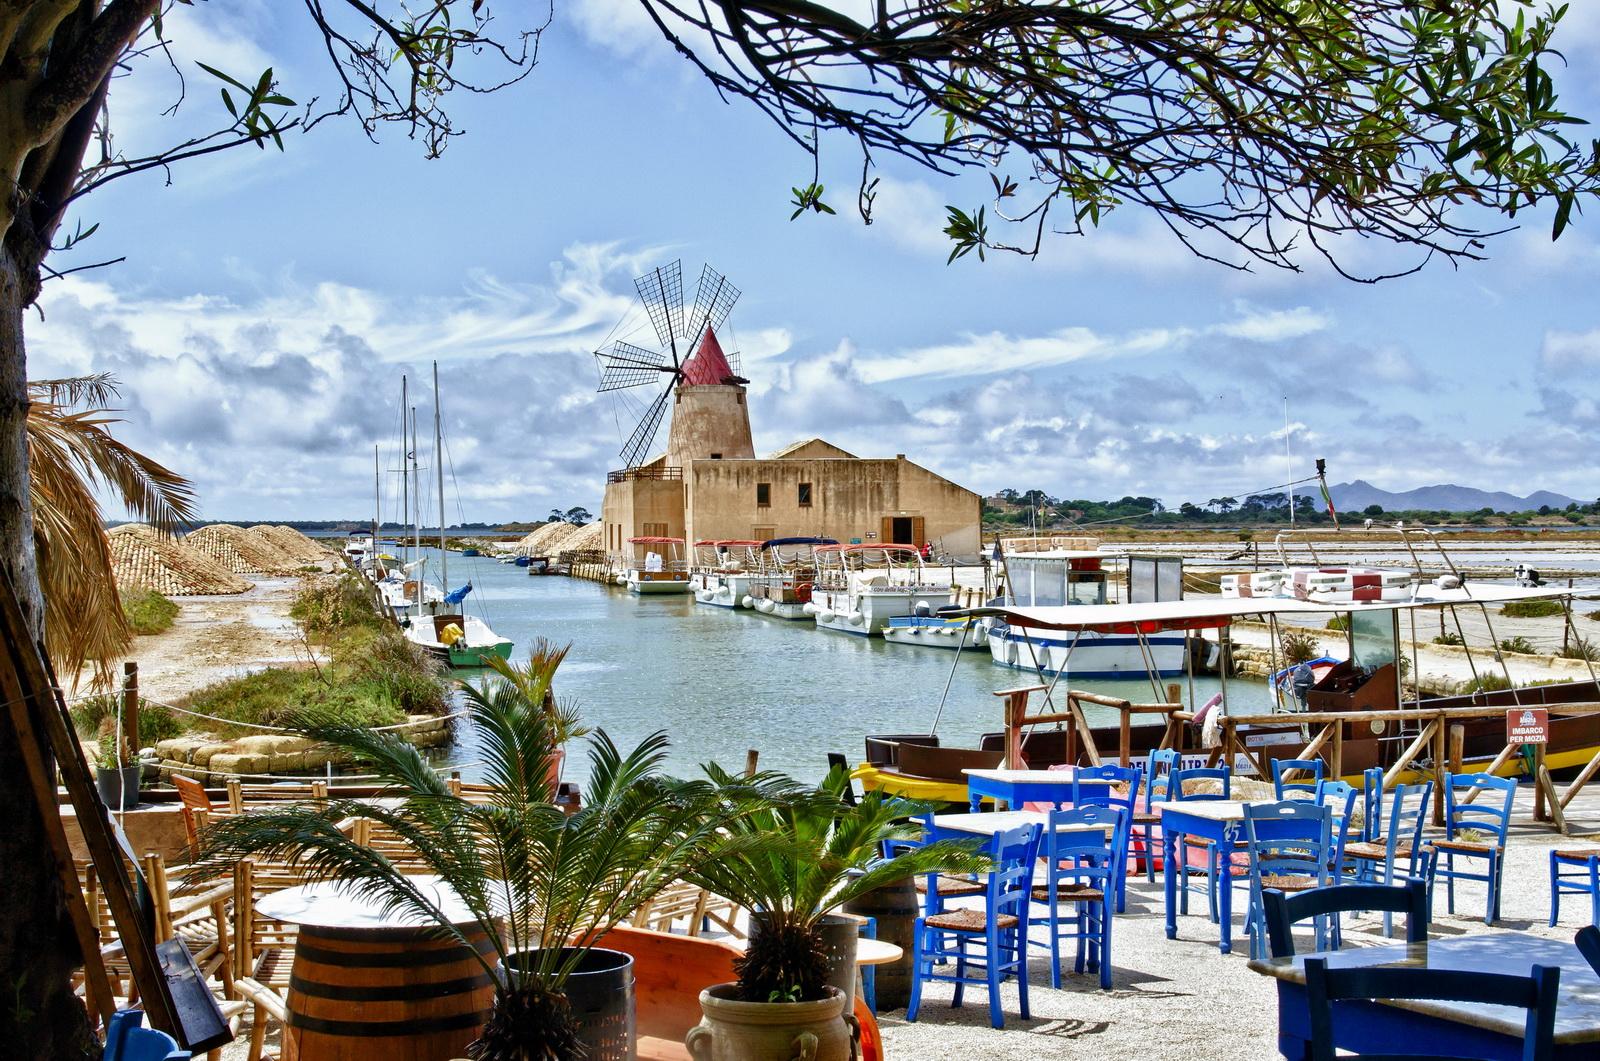 Италия отпуск на Сицилии